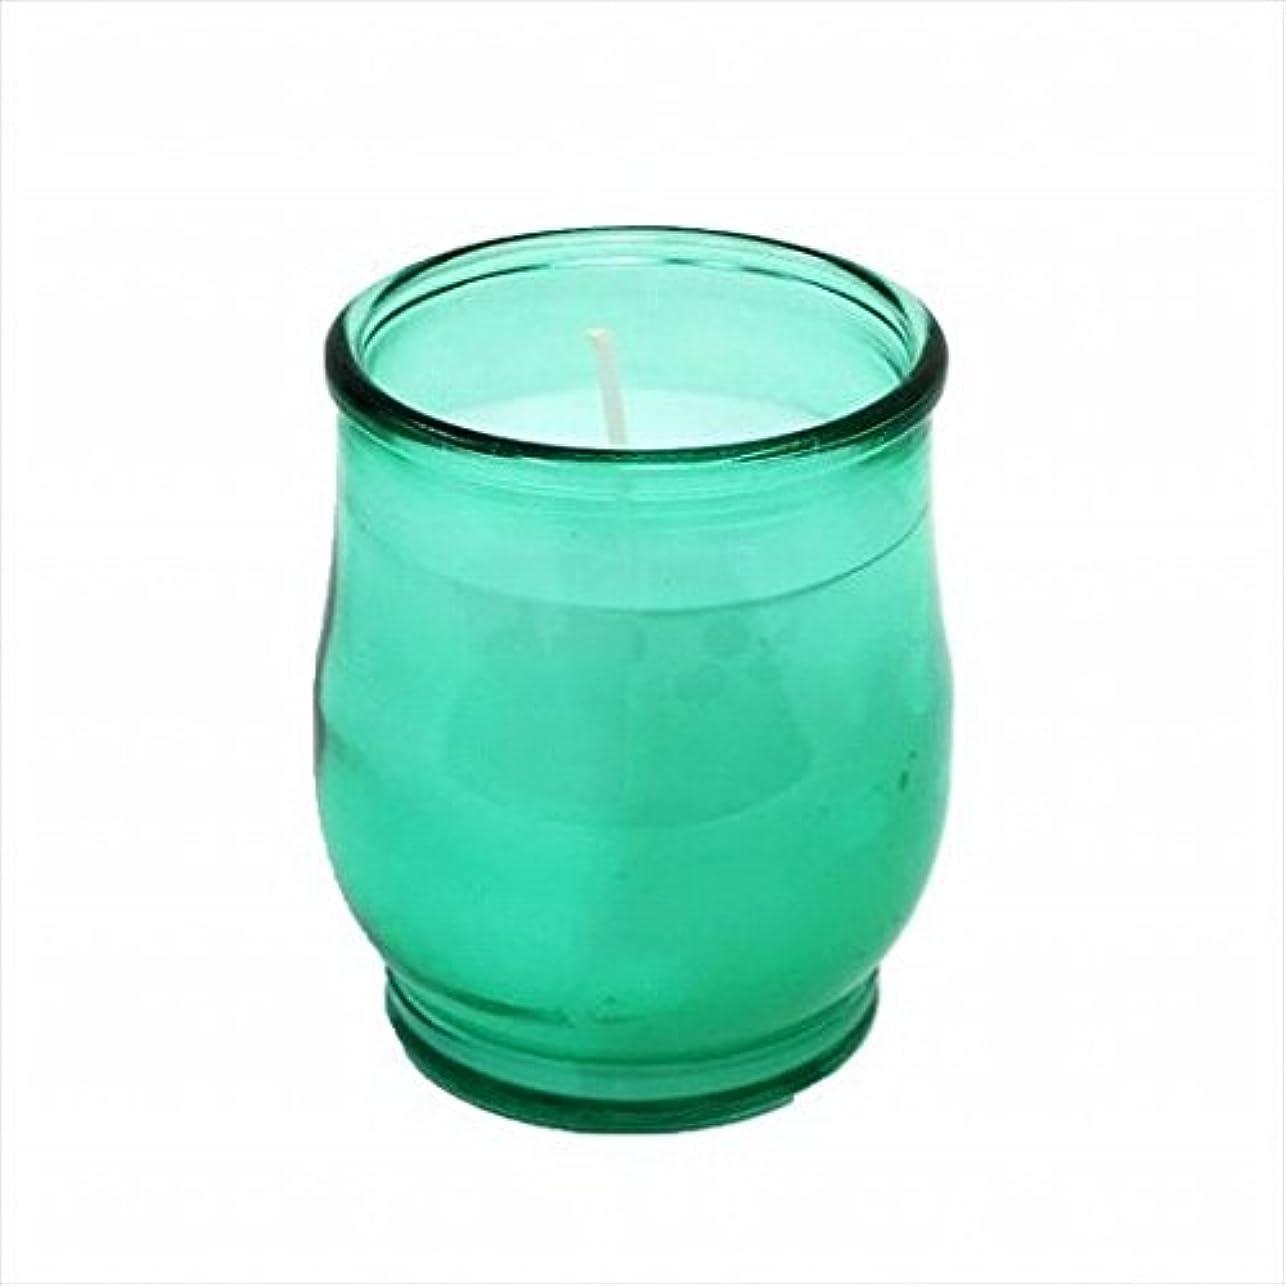 戦術成り立つカウンタkameyama candle(カメヤマキャンドル) ポシェ(非常用コップローソク) 「 グリーン(ライトカラー) 」 キャンドル 68x68x80mm (73020030G)